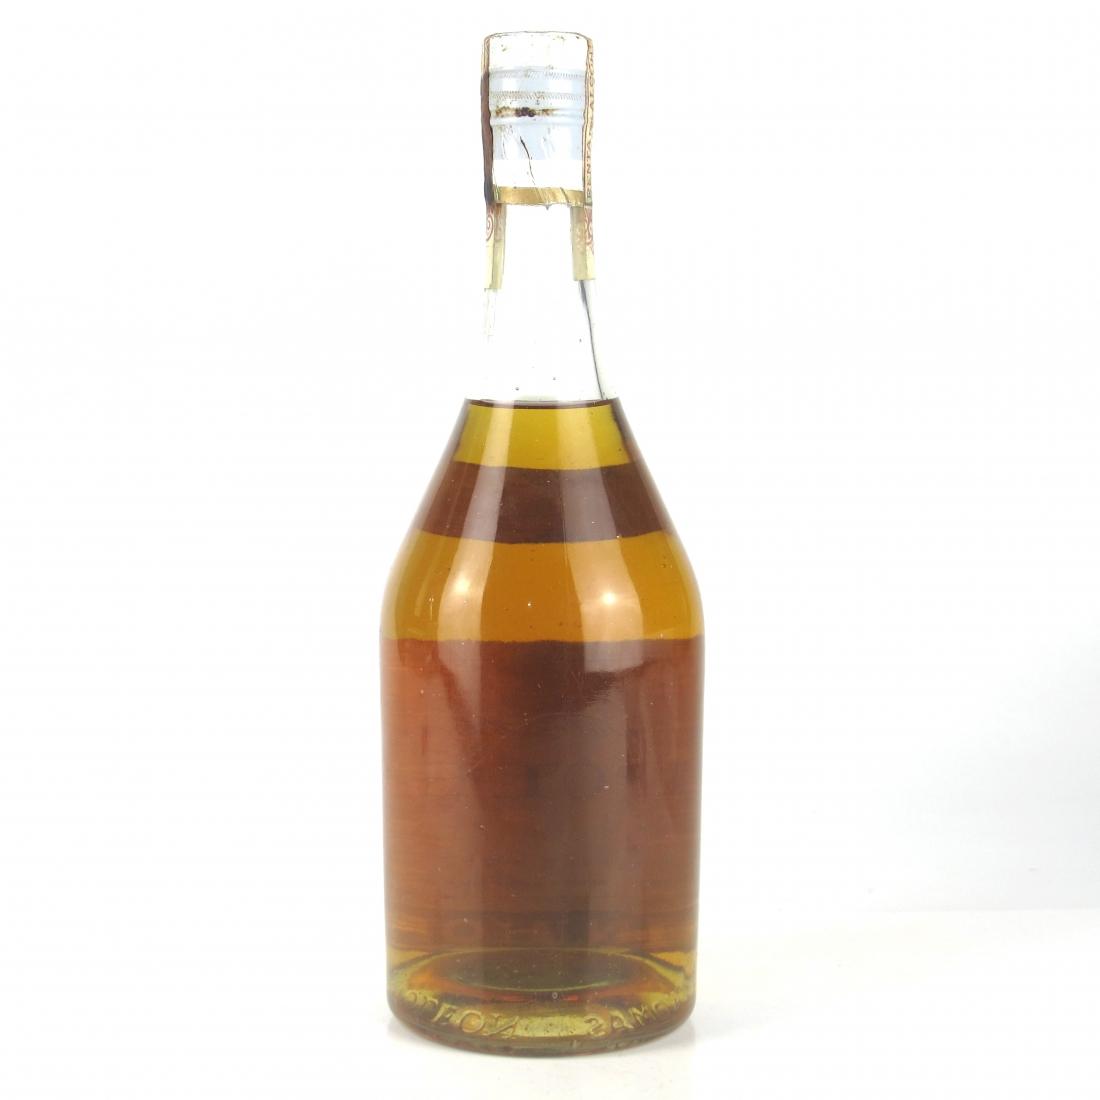 Alain Thomas Napoleon Royal Brandy 1960s